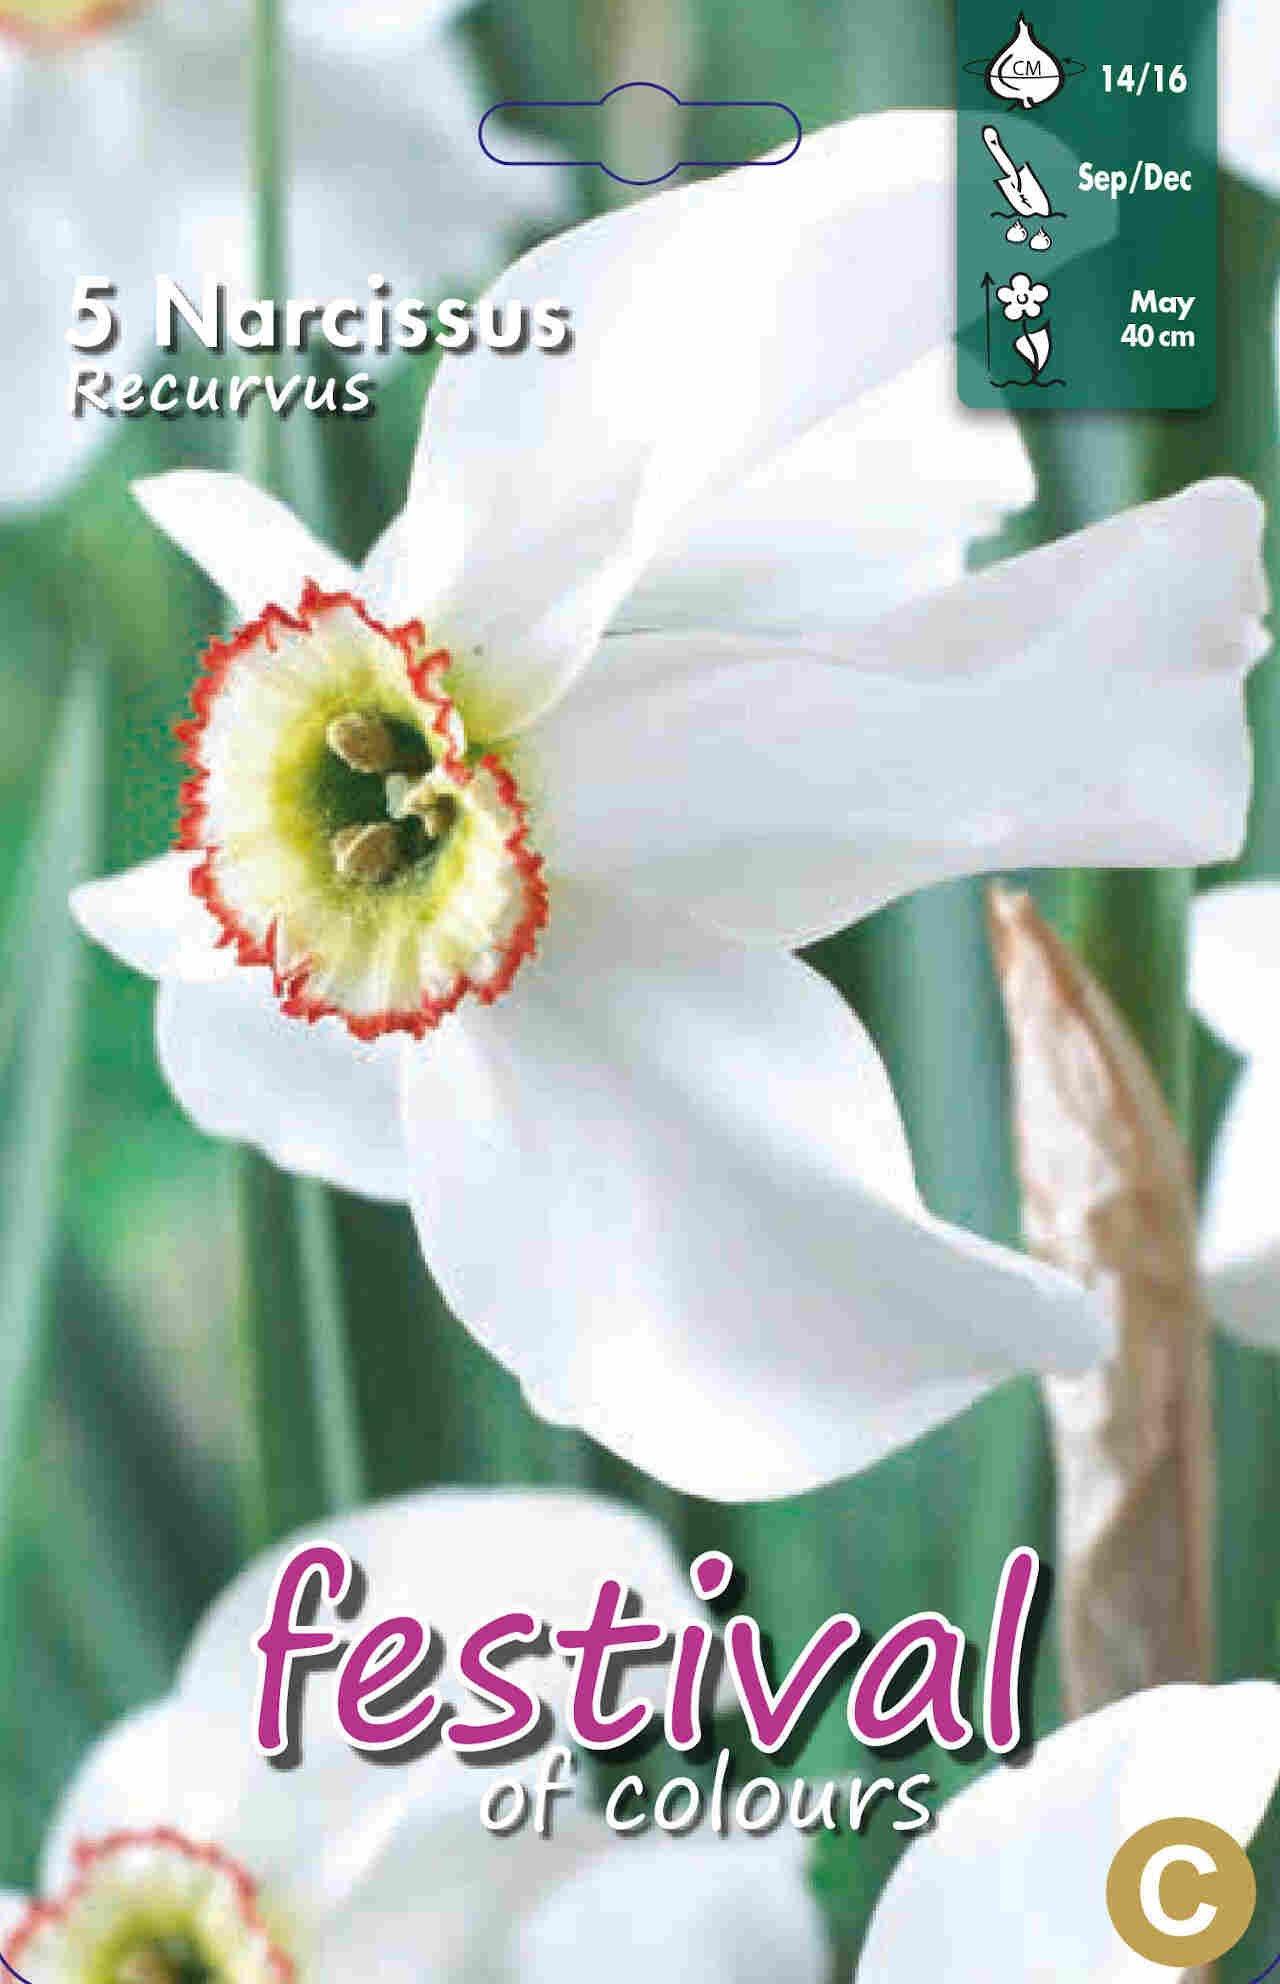 Påskeliljeløg - Narcissus Recurvus 14/16